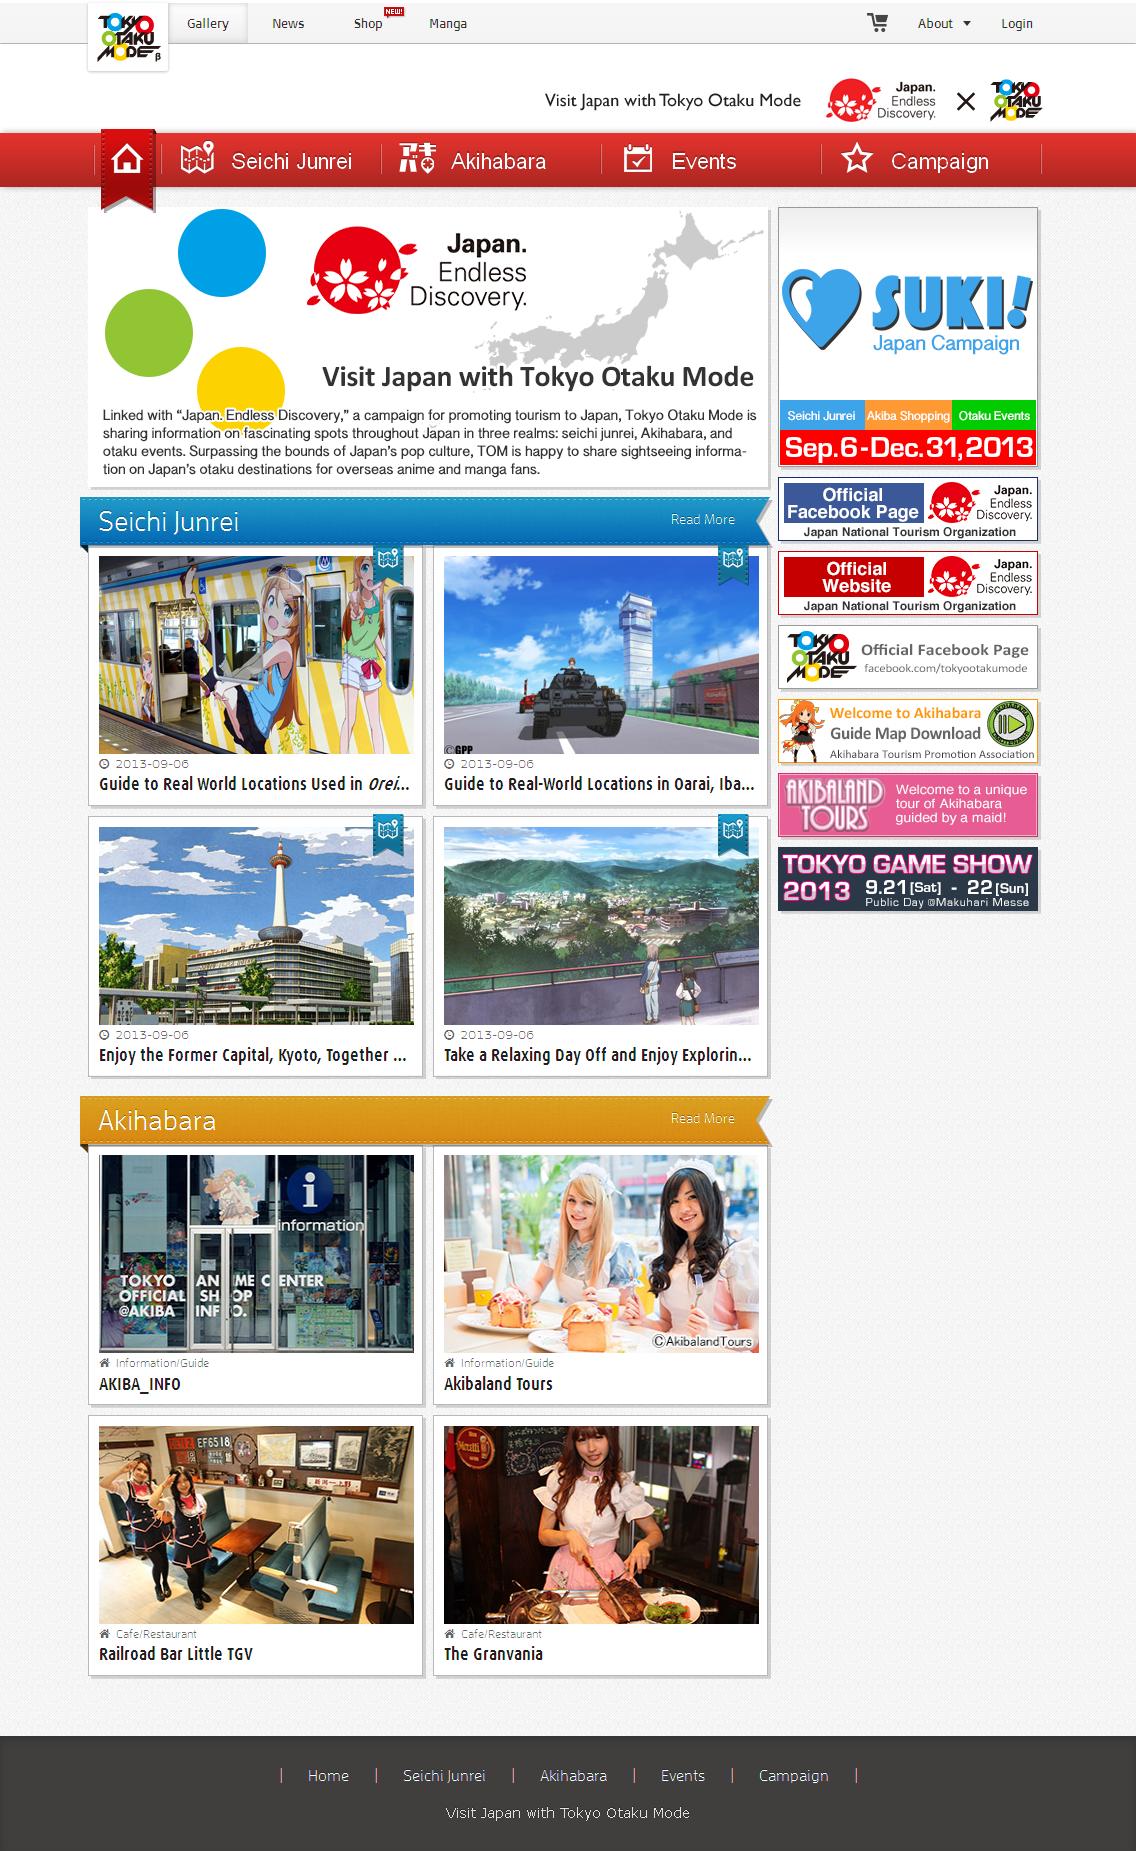 観光庁が海外向けに「聖地巡礼」の情報を紹介する英語のウェブサイトを開設! これが日本だ\(^o^)/ やらおん!